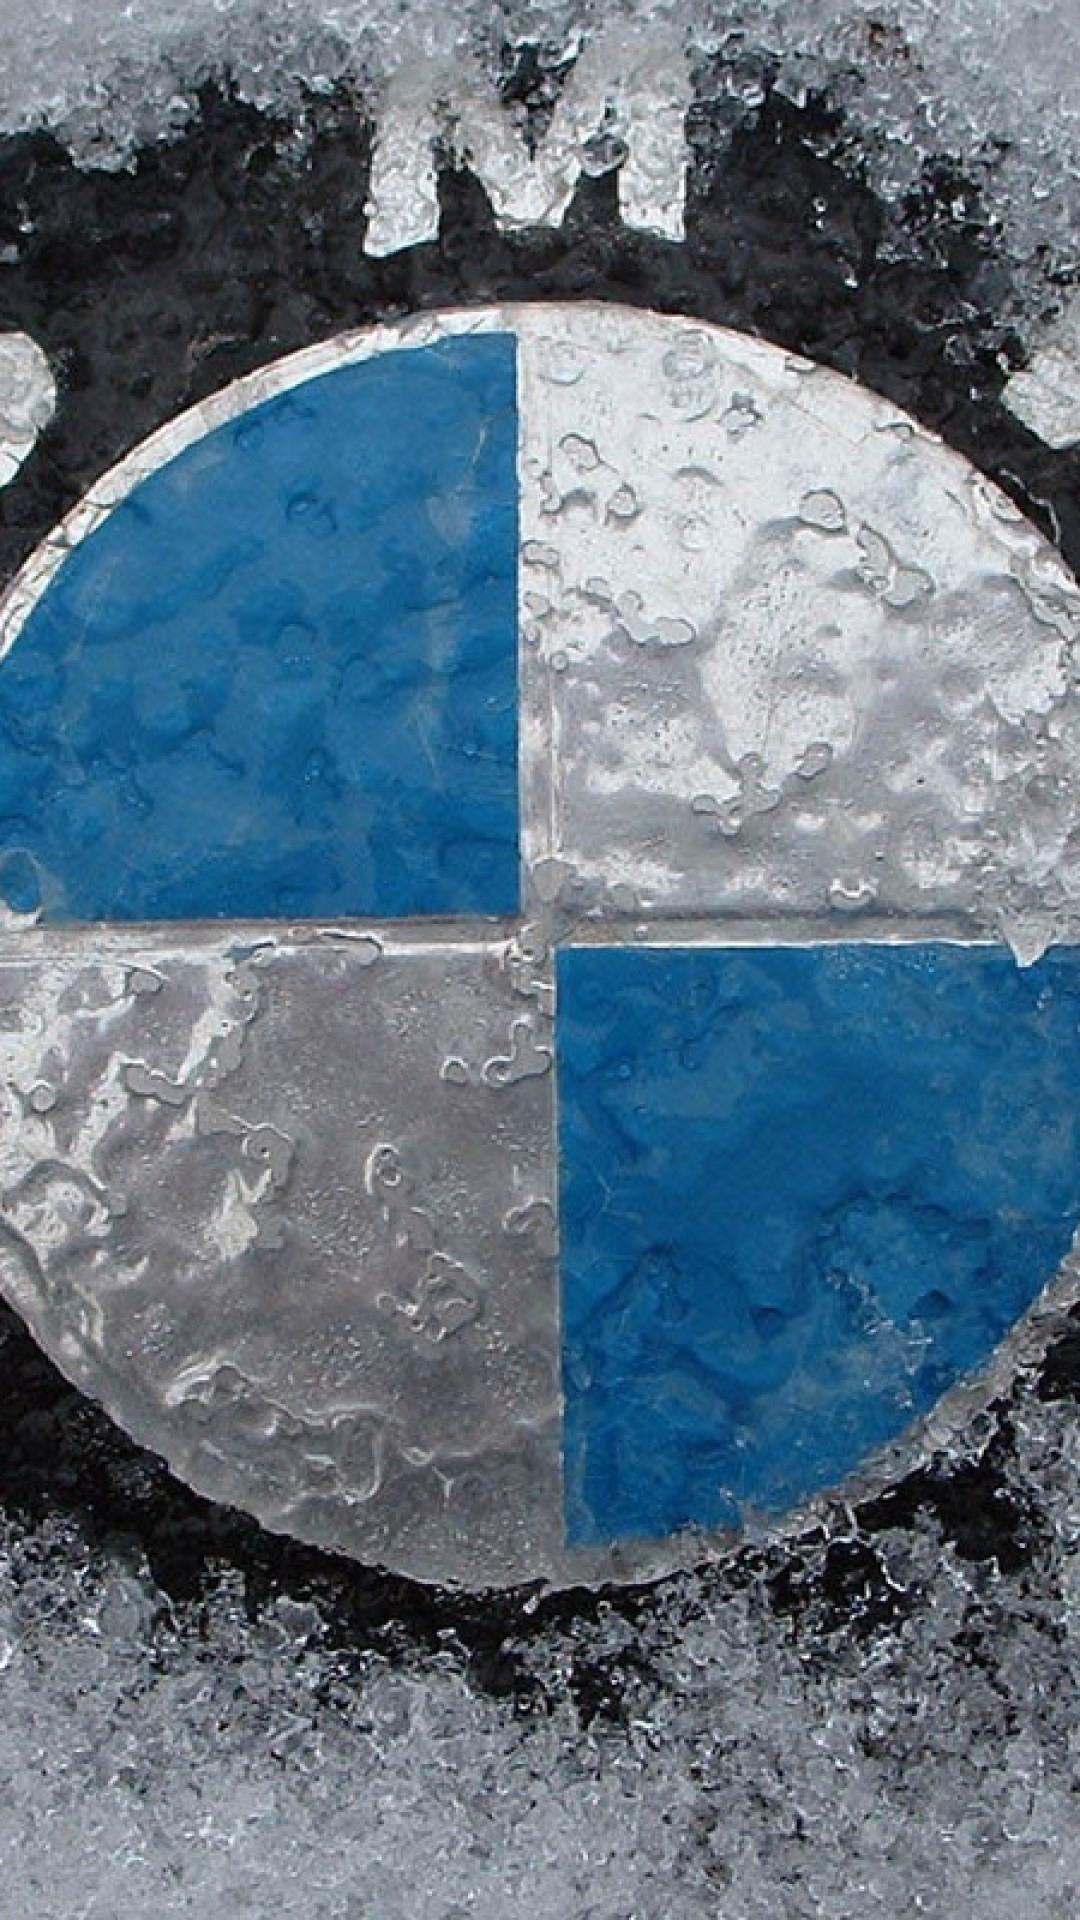 BMW Logo Frozen In Ice Net Book 4K Wallpaper